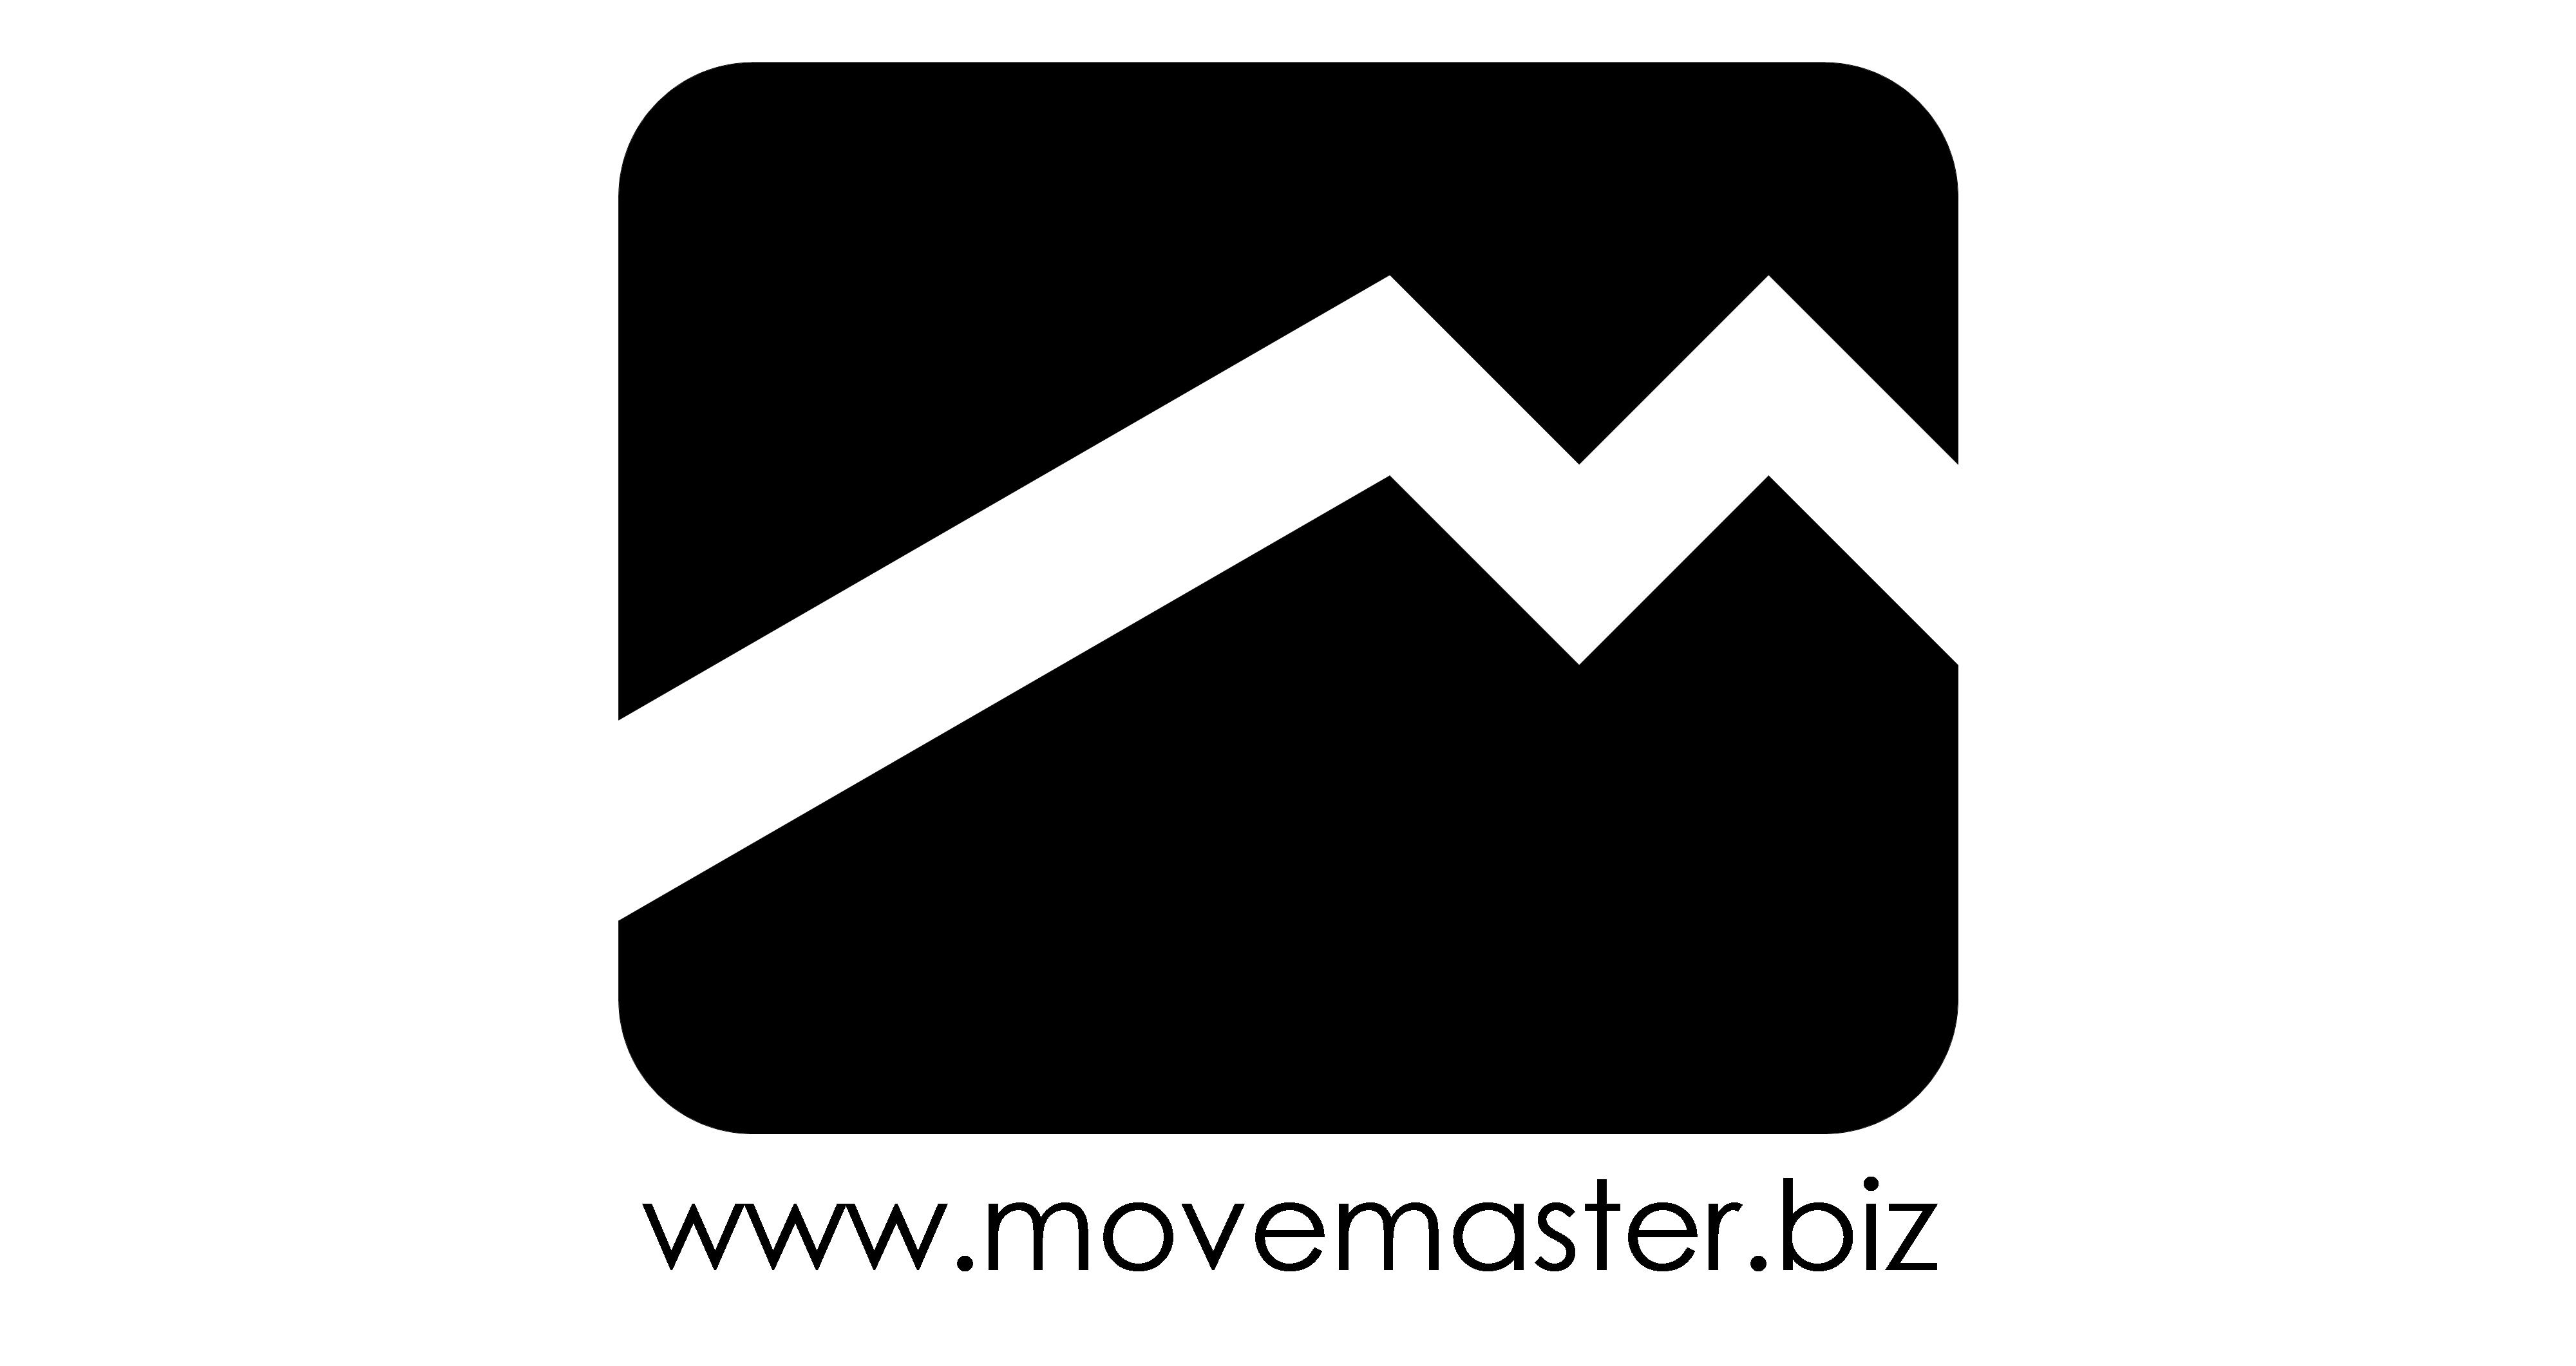 MM_logo_4_mURL.png